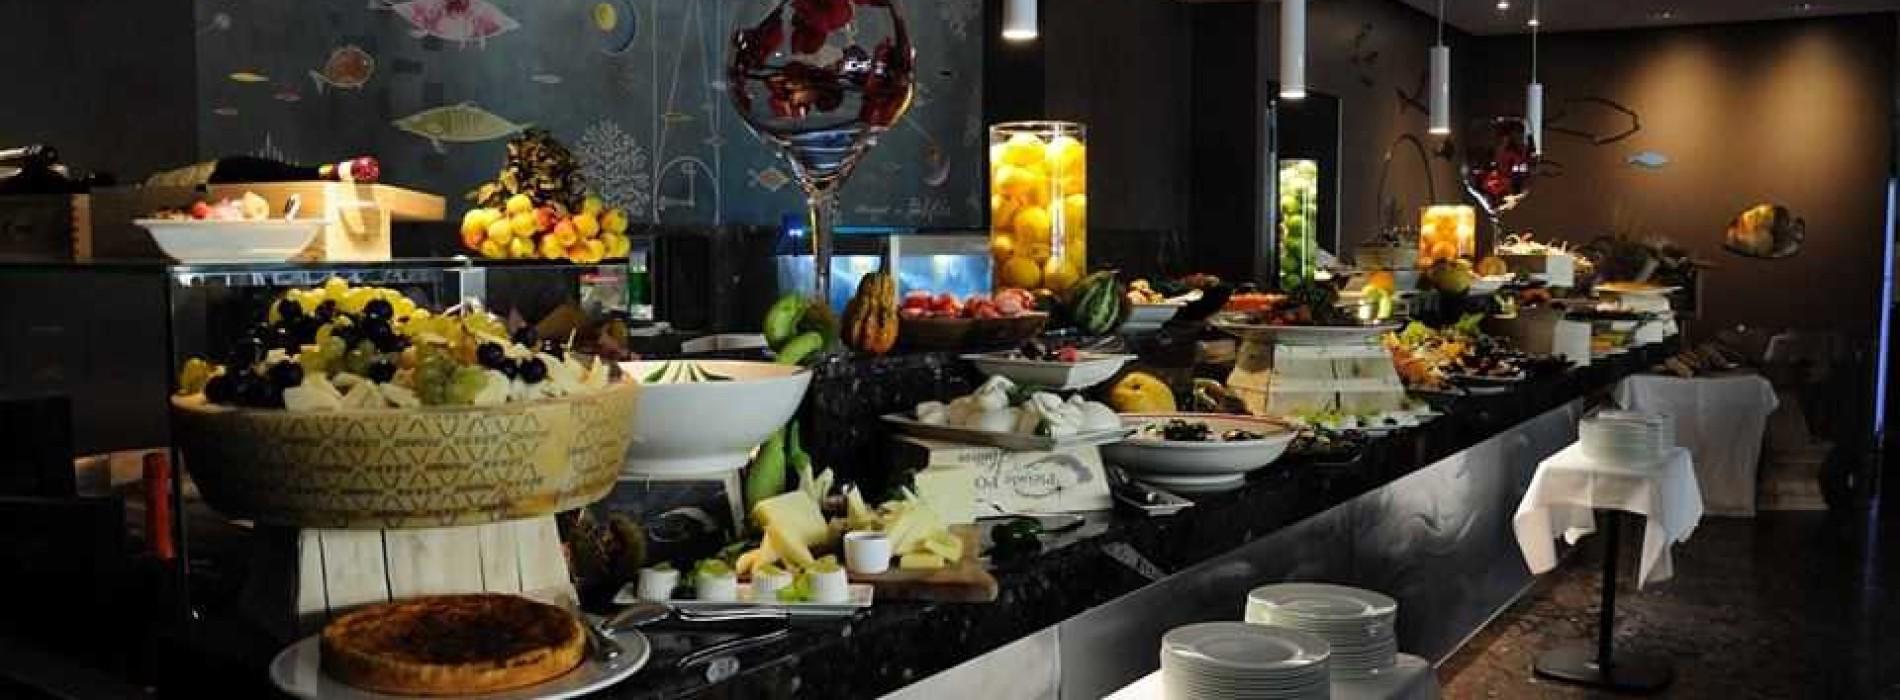 Brunch a milano sabato 10 e domenica 11 ottobre 2015 for Ibiza ristorante milano